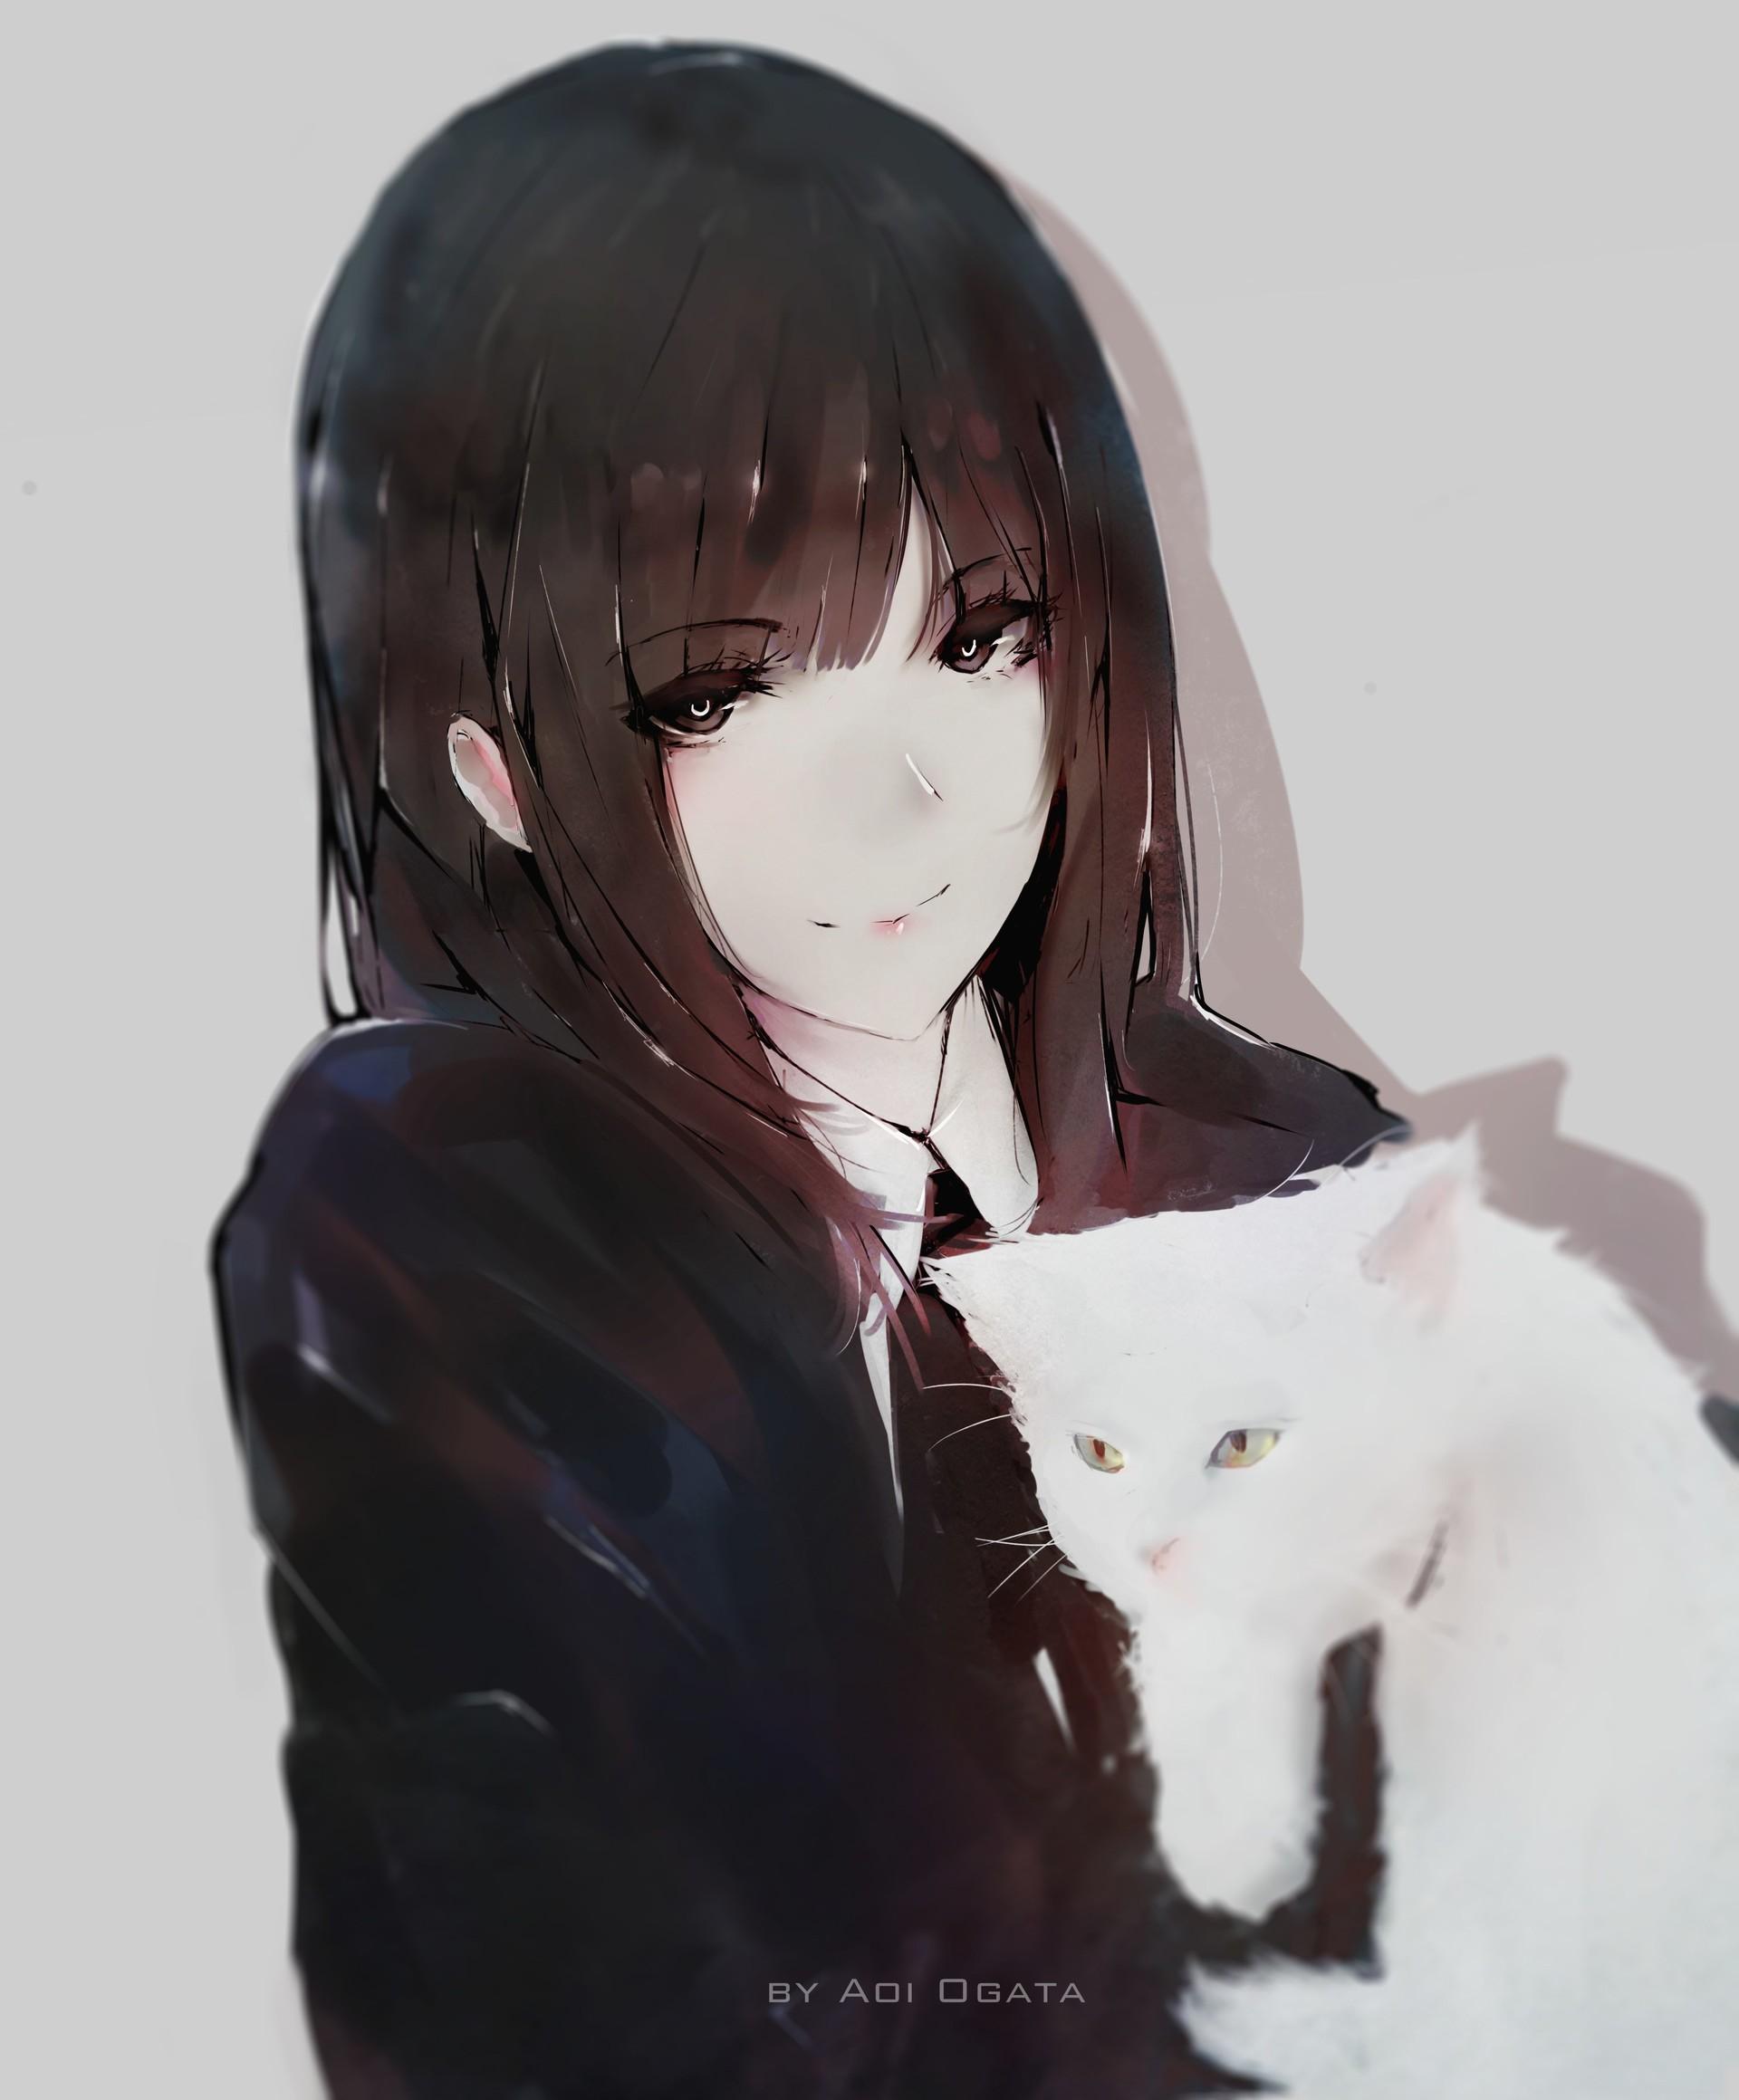 Aoi ogata kristina dinglasan2low